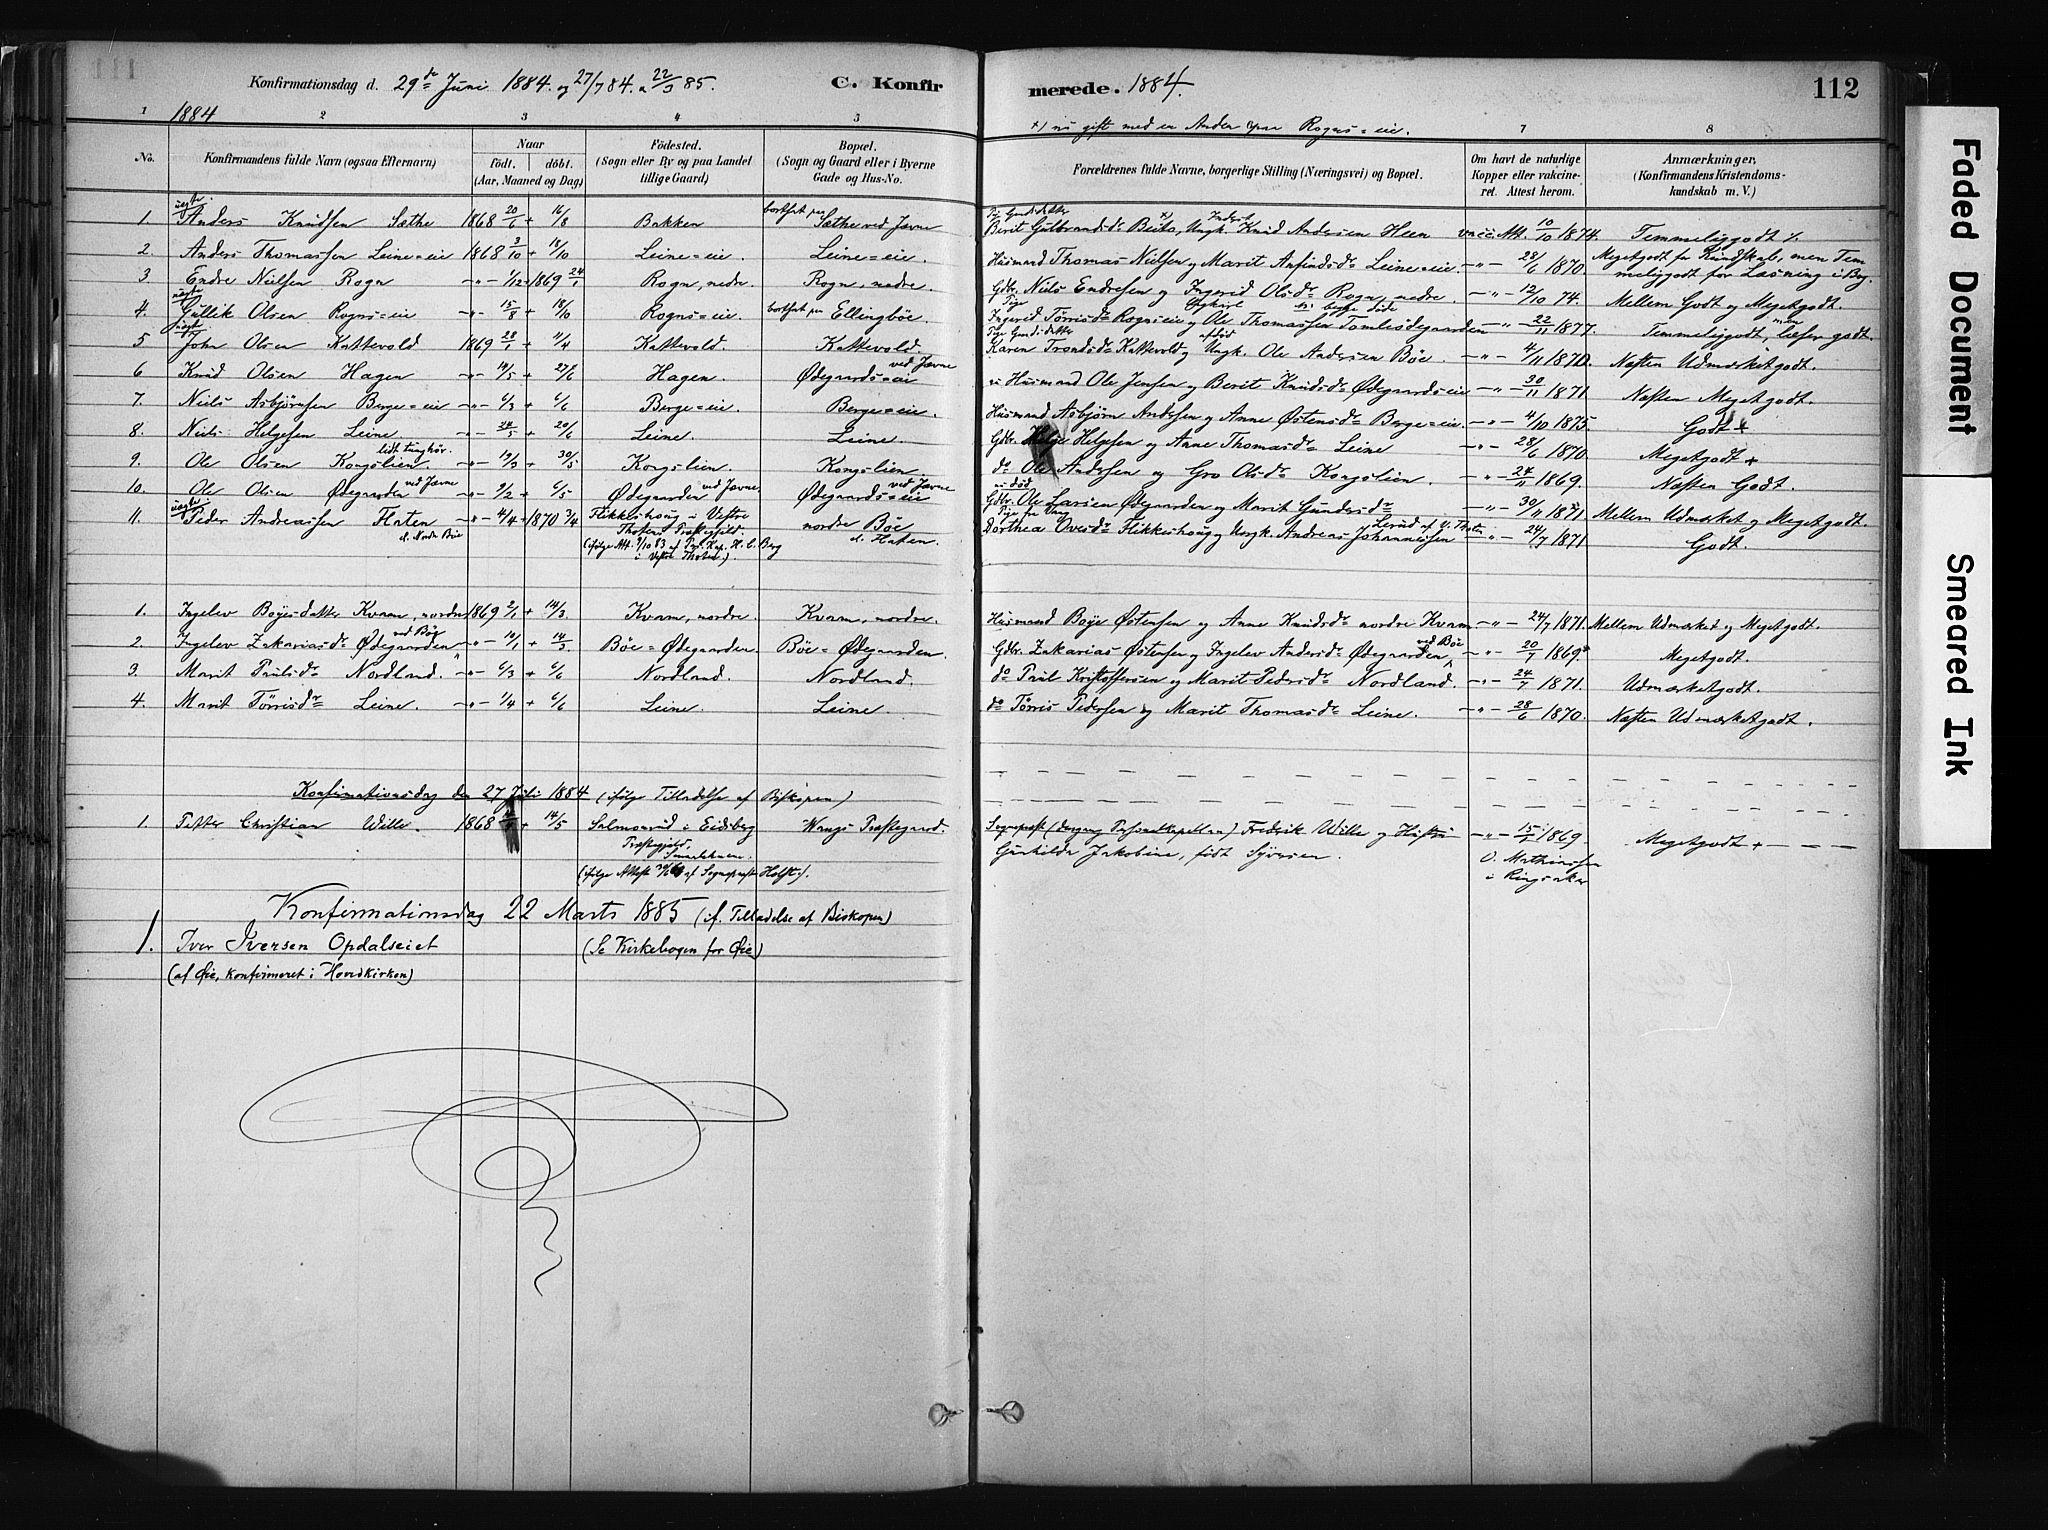 SAH, Vang prestekontor, Valdres, Ministerialbok nr. 8, 1882-1910, s. 112